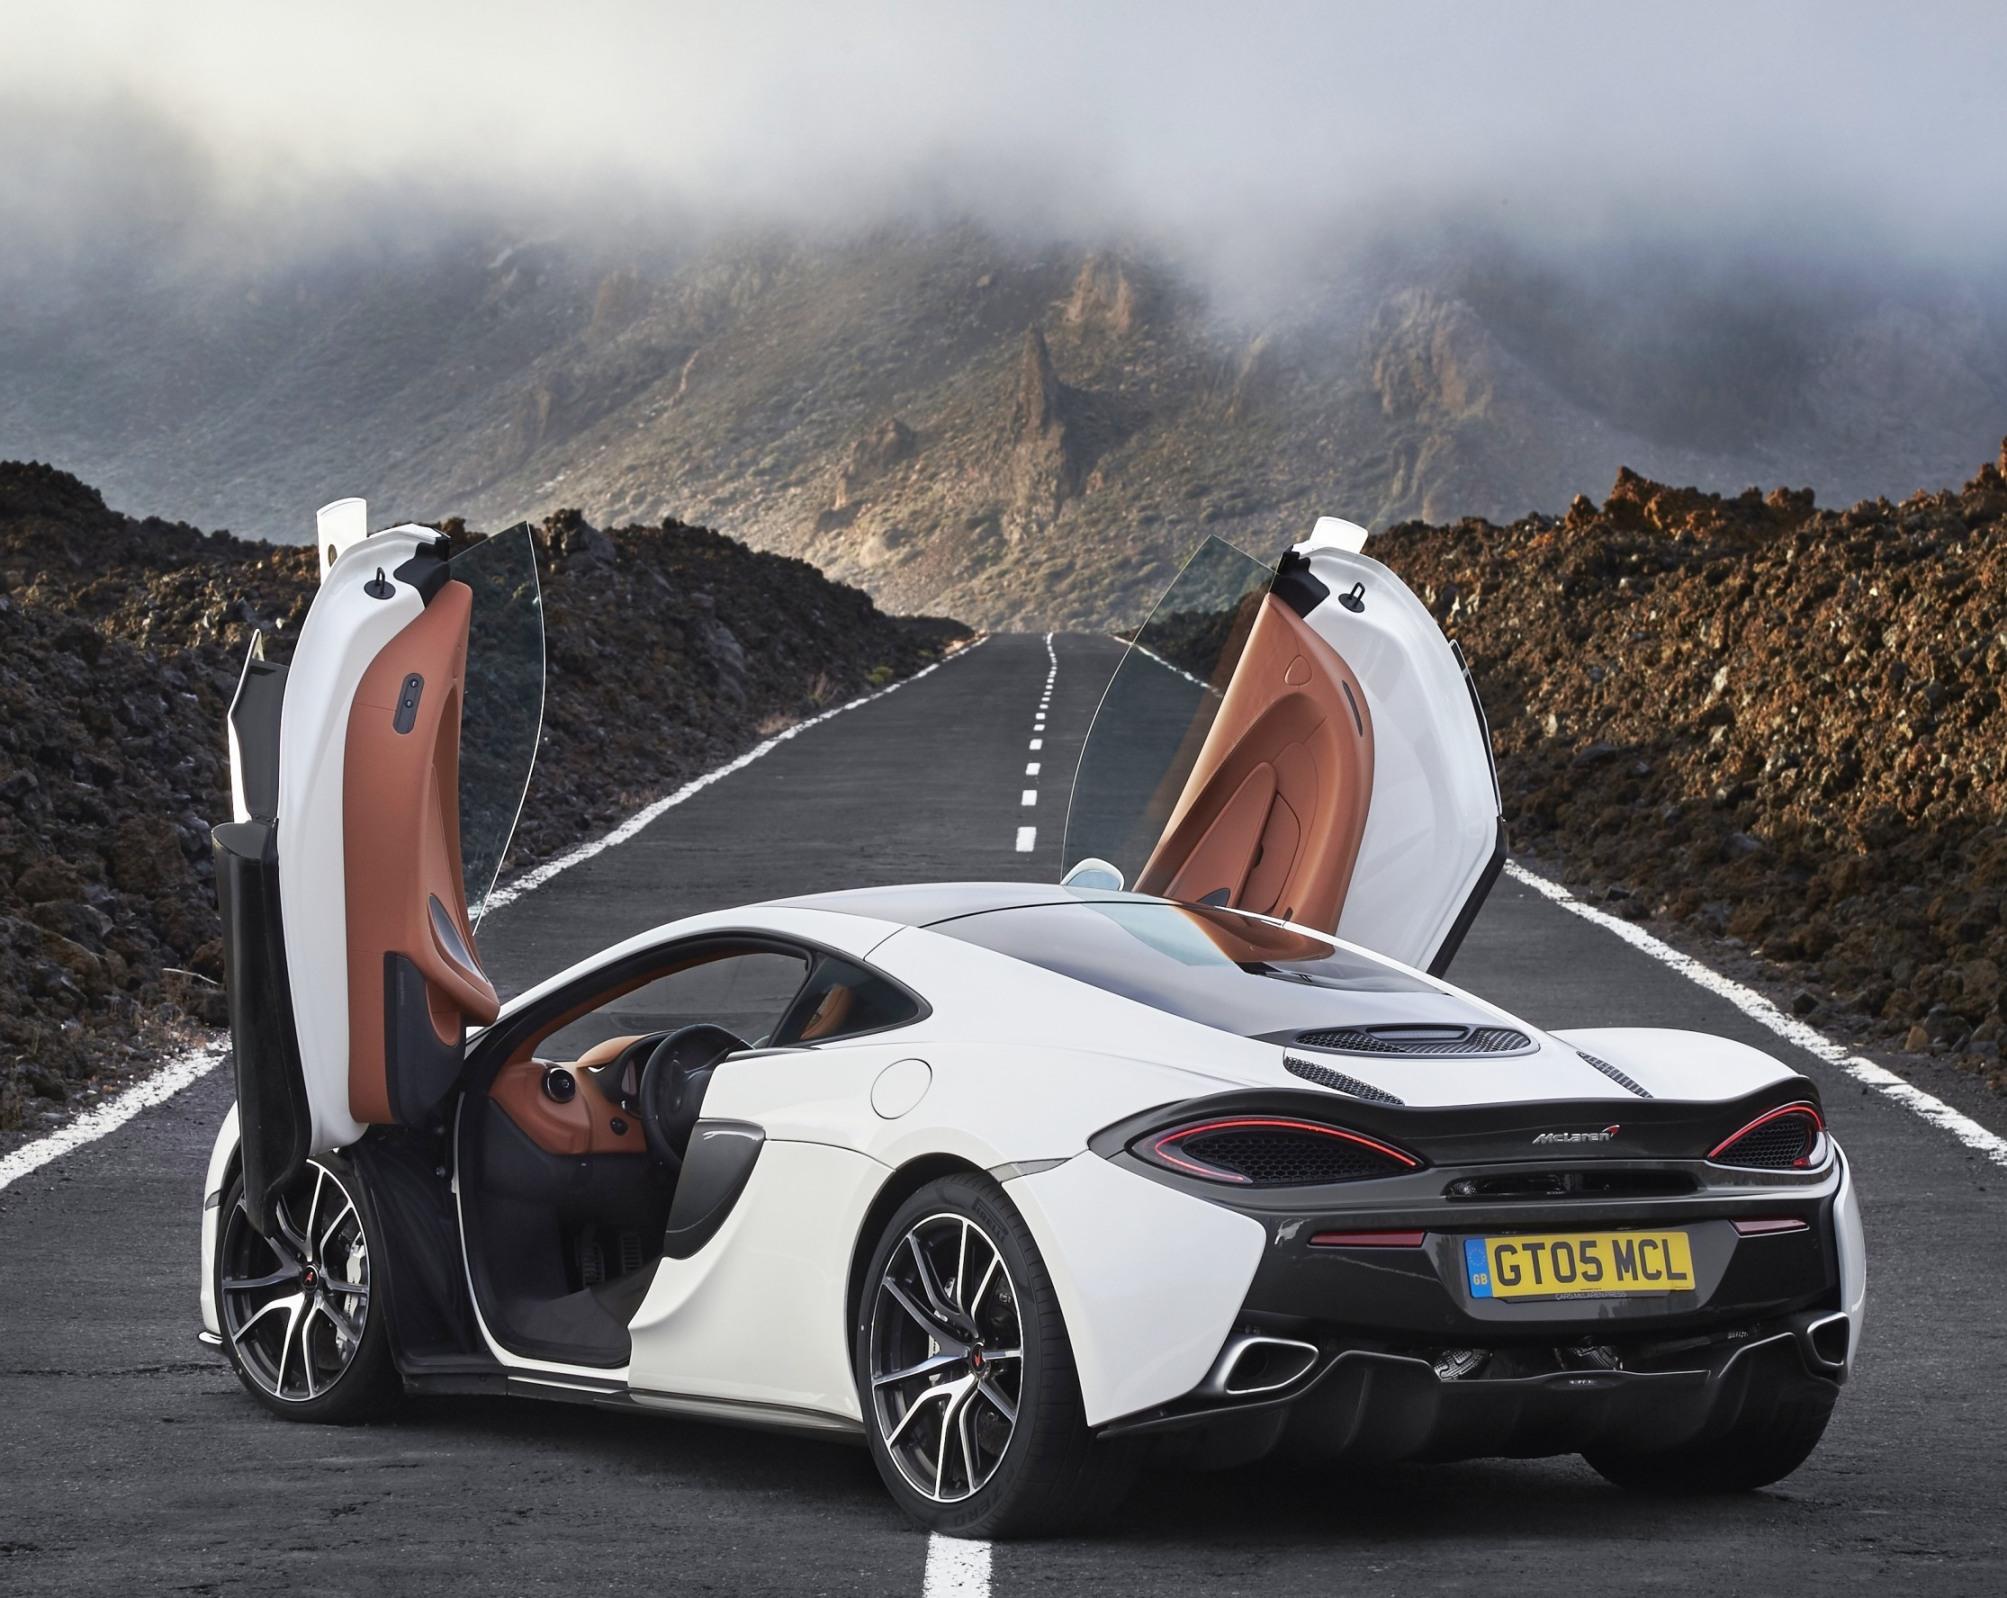 mclaren-570gt-side-rear-doors-up